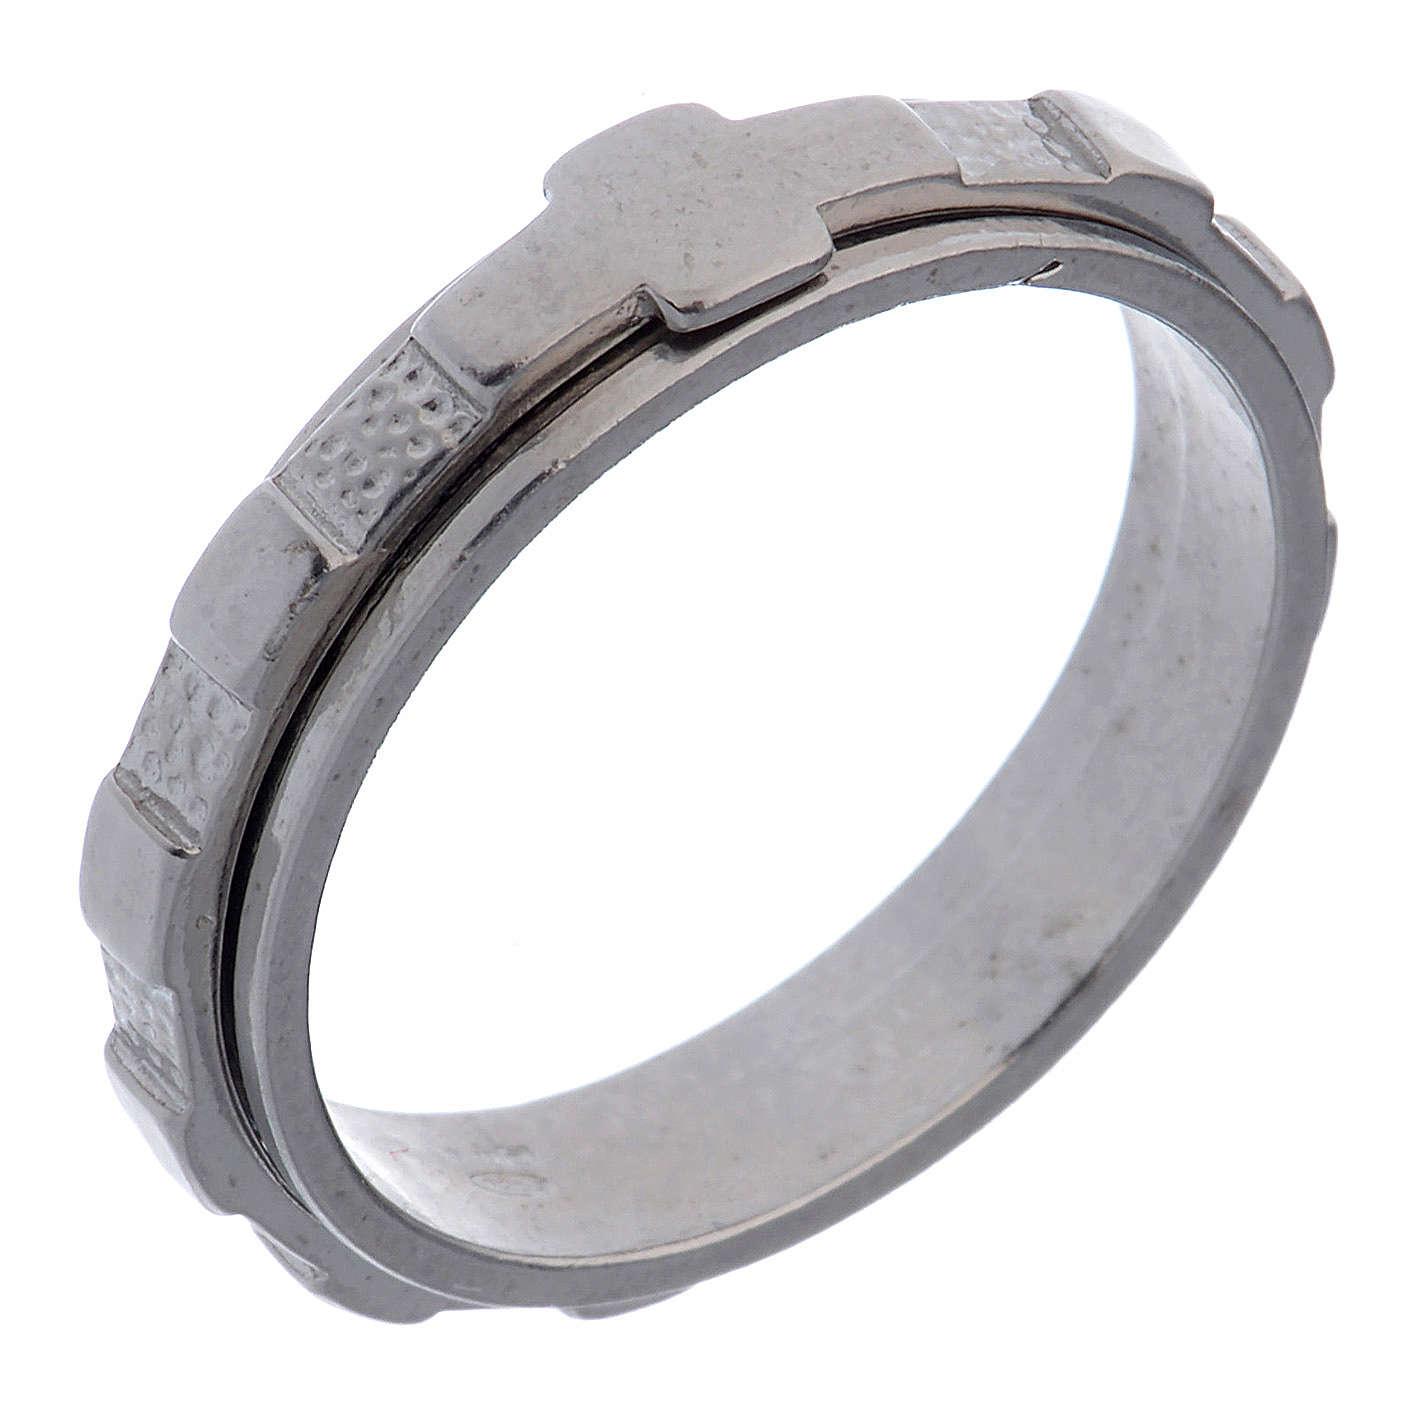 Obrączka obrotowa dziesiątka srebro 925 3